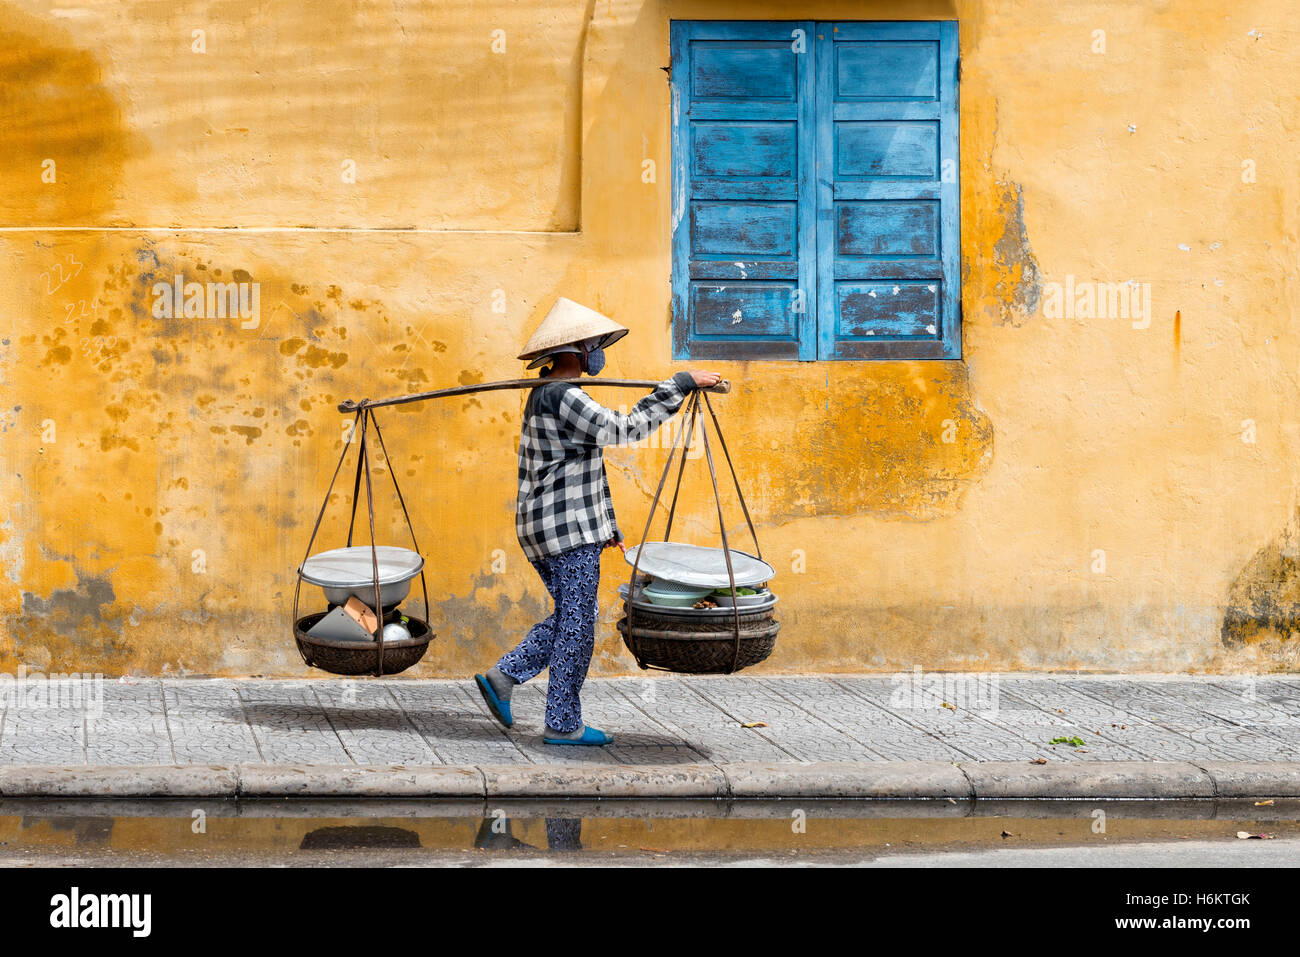 Vietnamese woman carrying a yoke in Hoi An - Stock Image